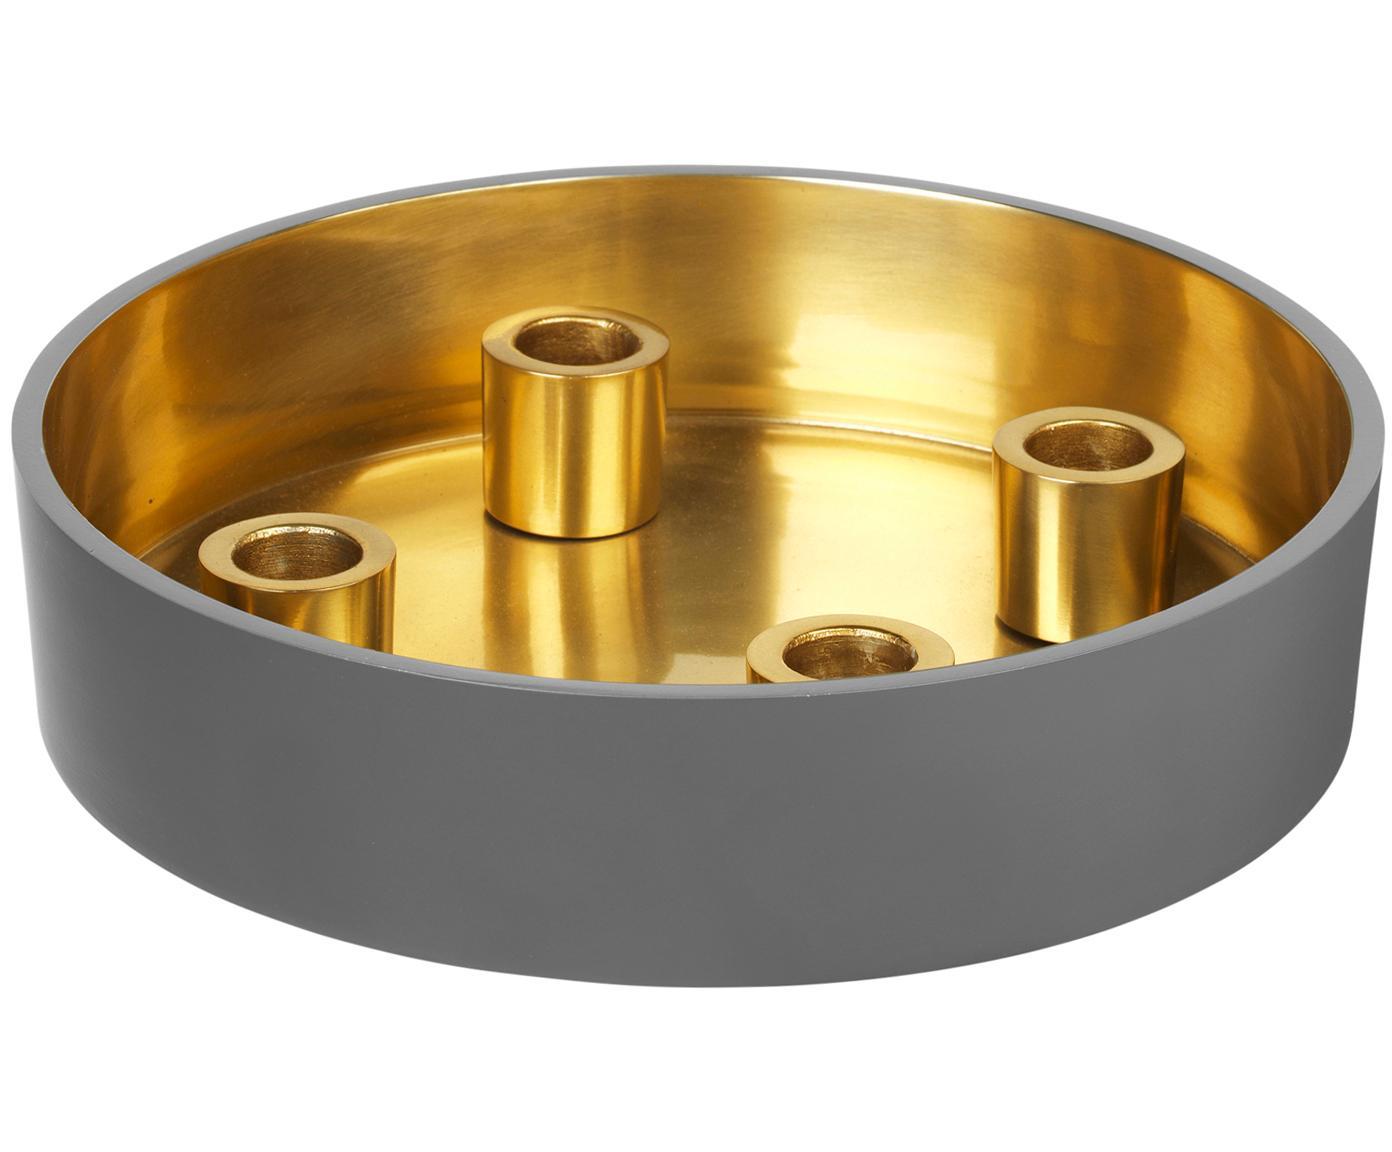 Świecznik Palma, Aluminium emaliowane, Na zewnątrz: szaroniebieski Wewnątrz: odcienie złotego, Ø 23 x W 6 cm